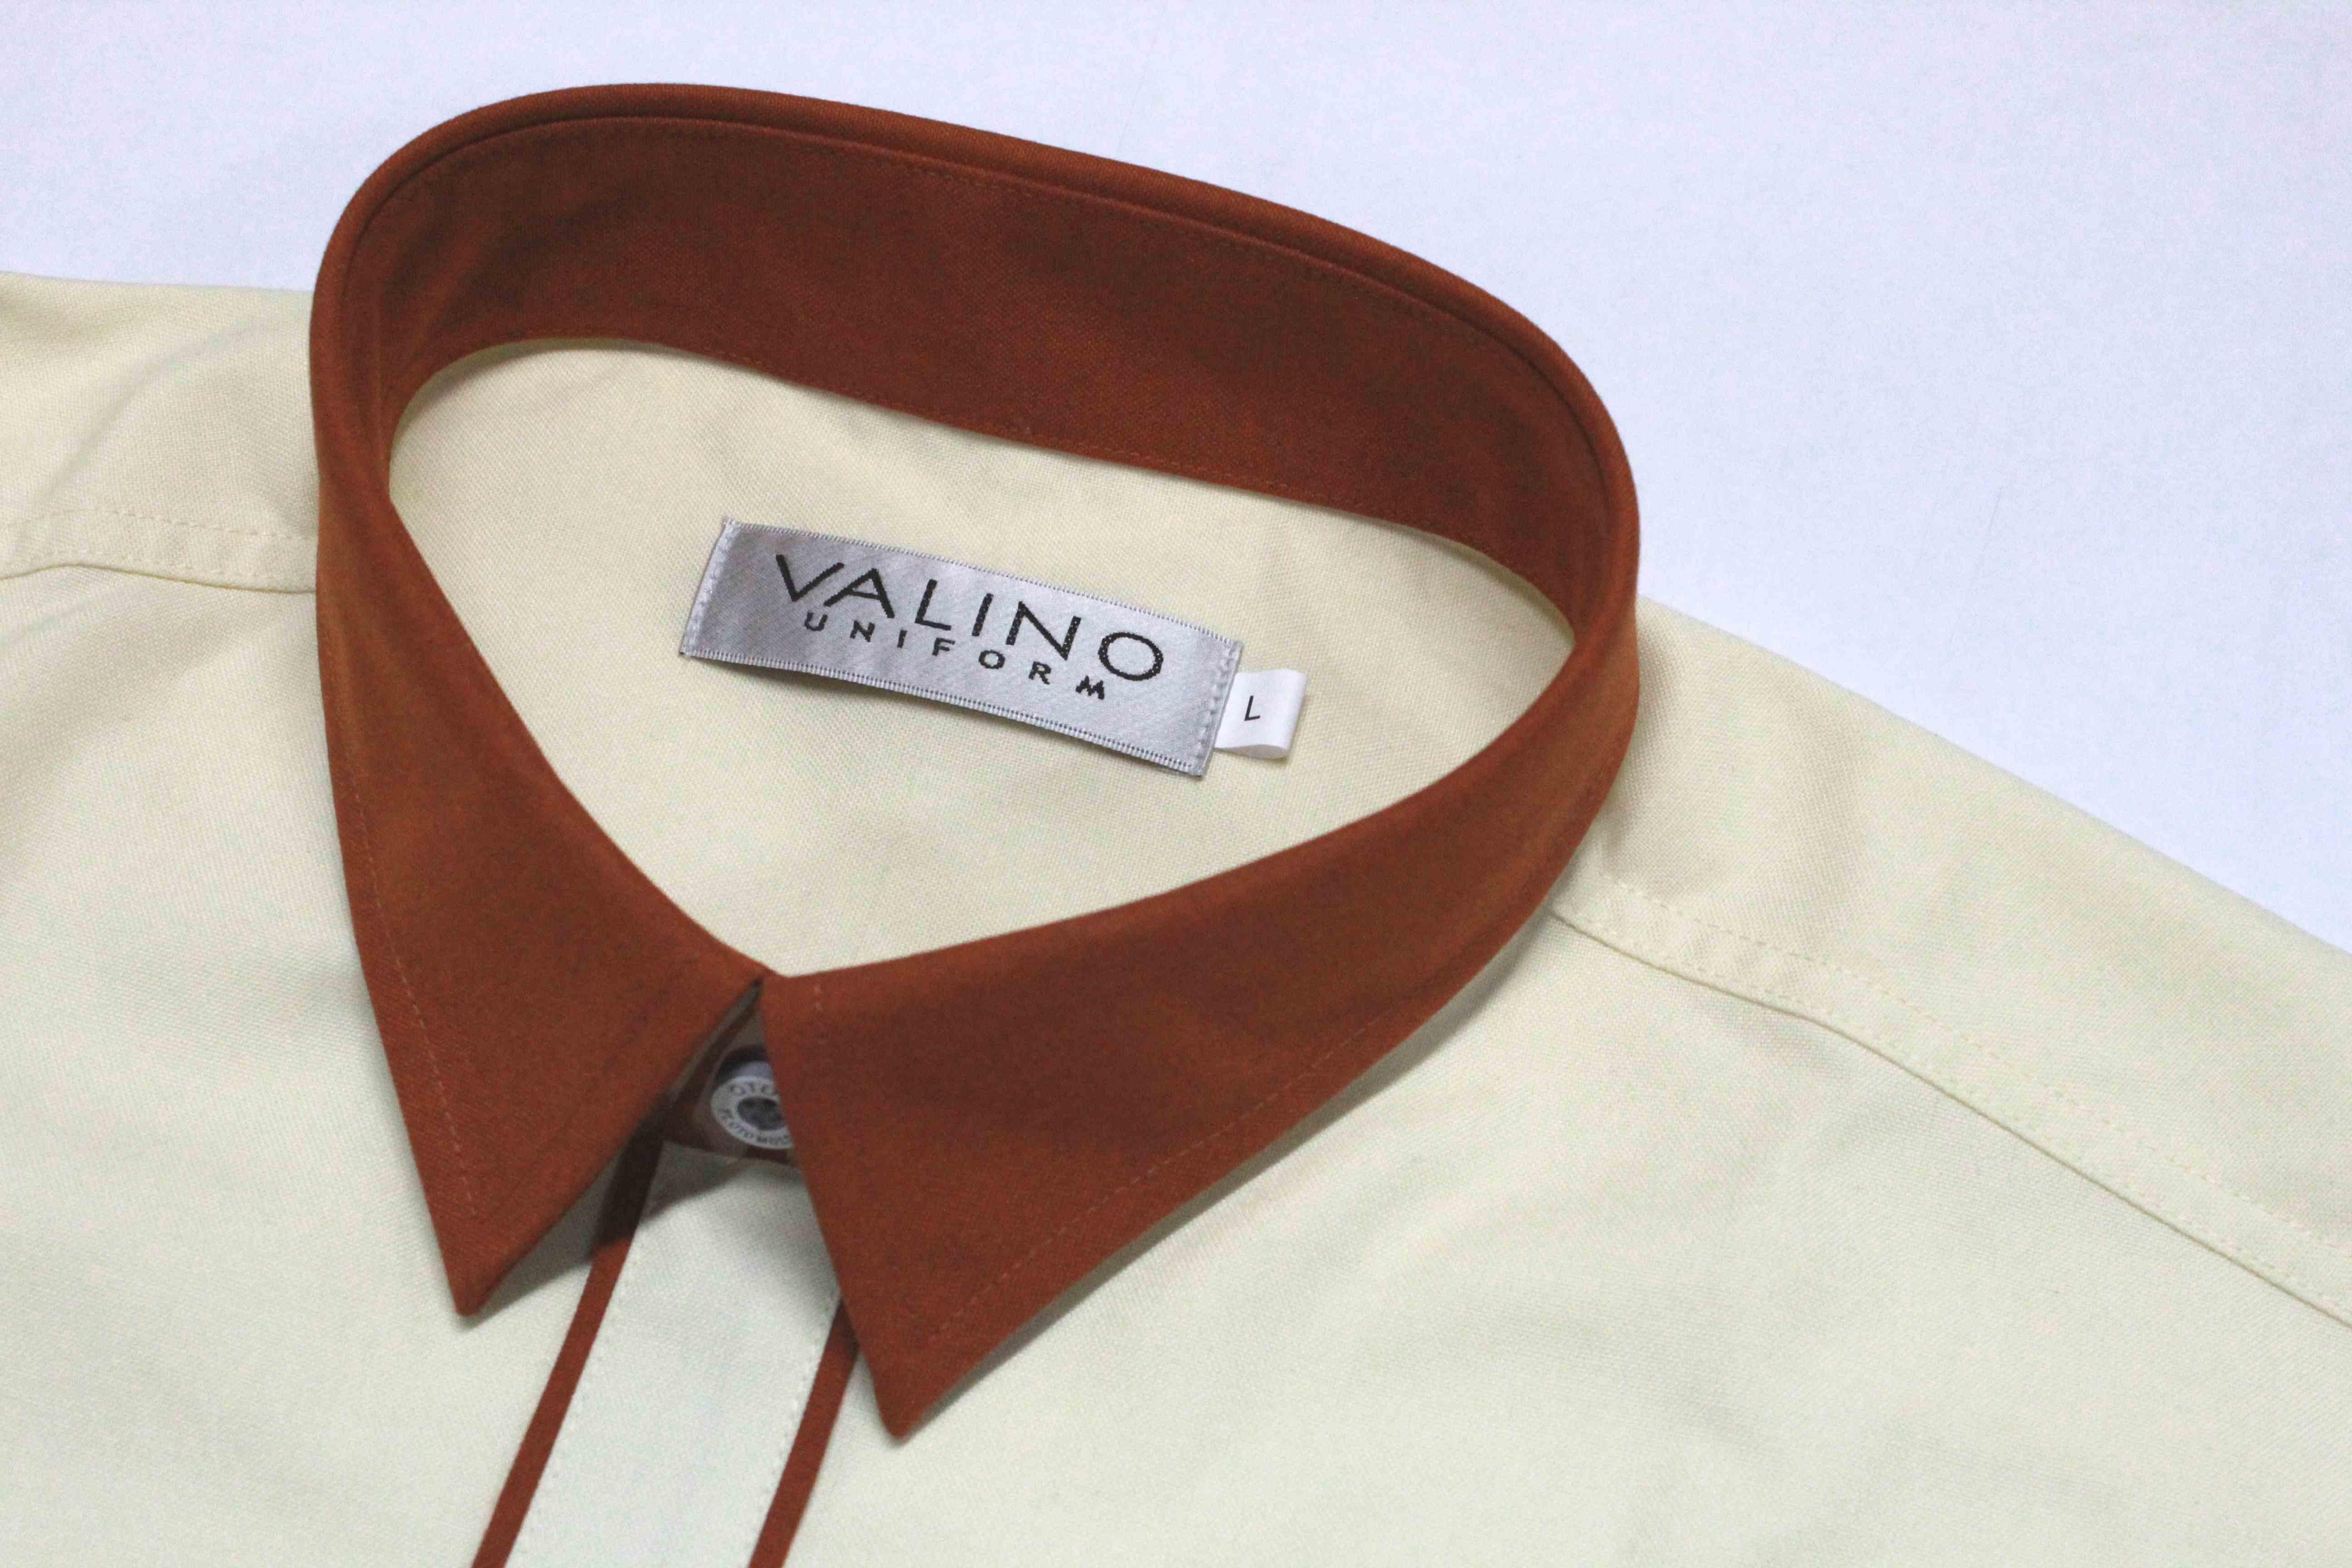 Valino Uniform image